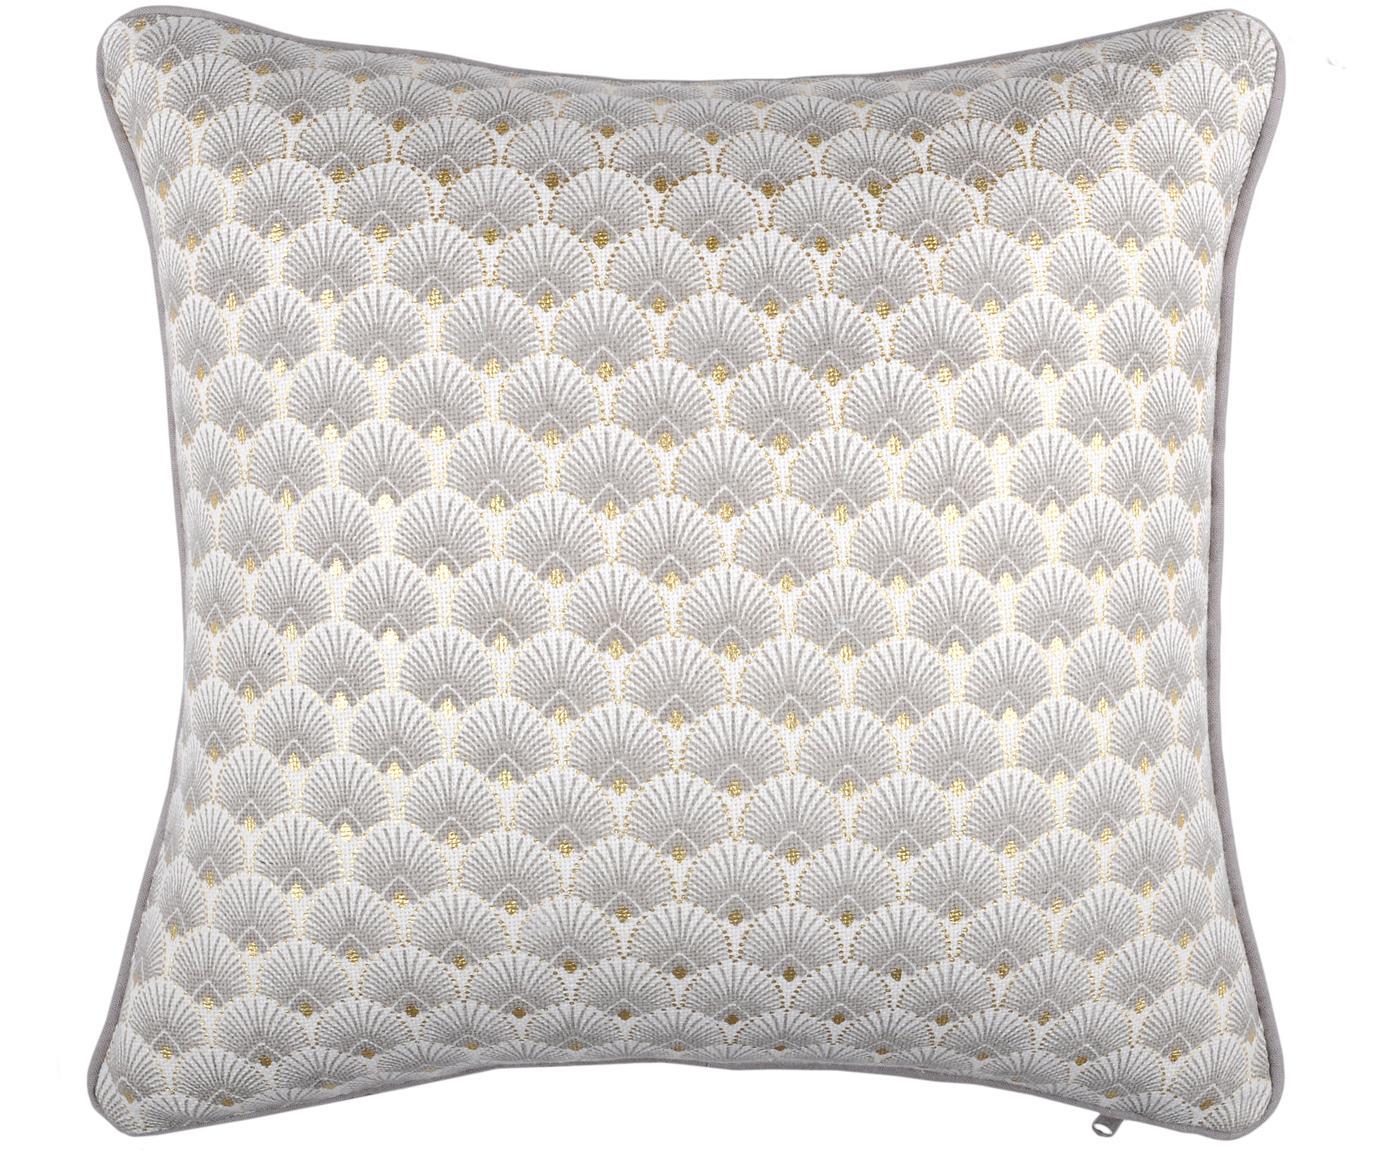 Kissen Corosol mit Art Deco Muster, mit Inlett, 100% Baumwolle, Grau, Gold, 40 x 40 cm